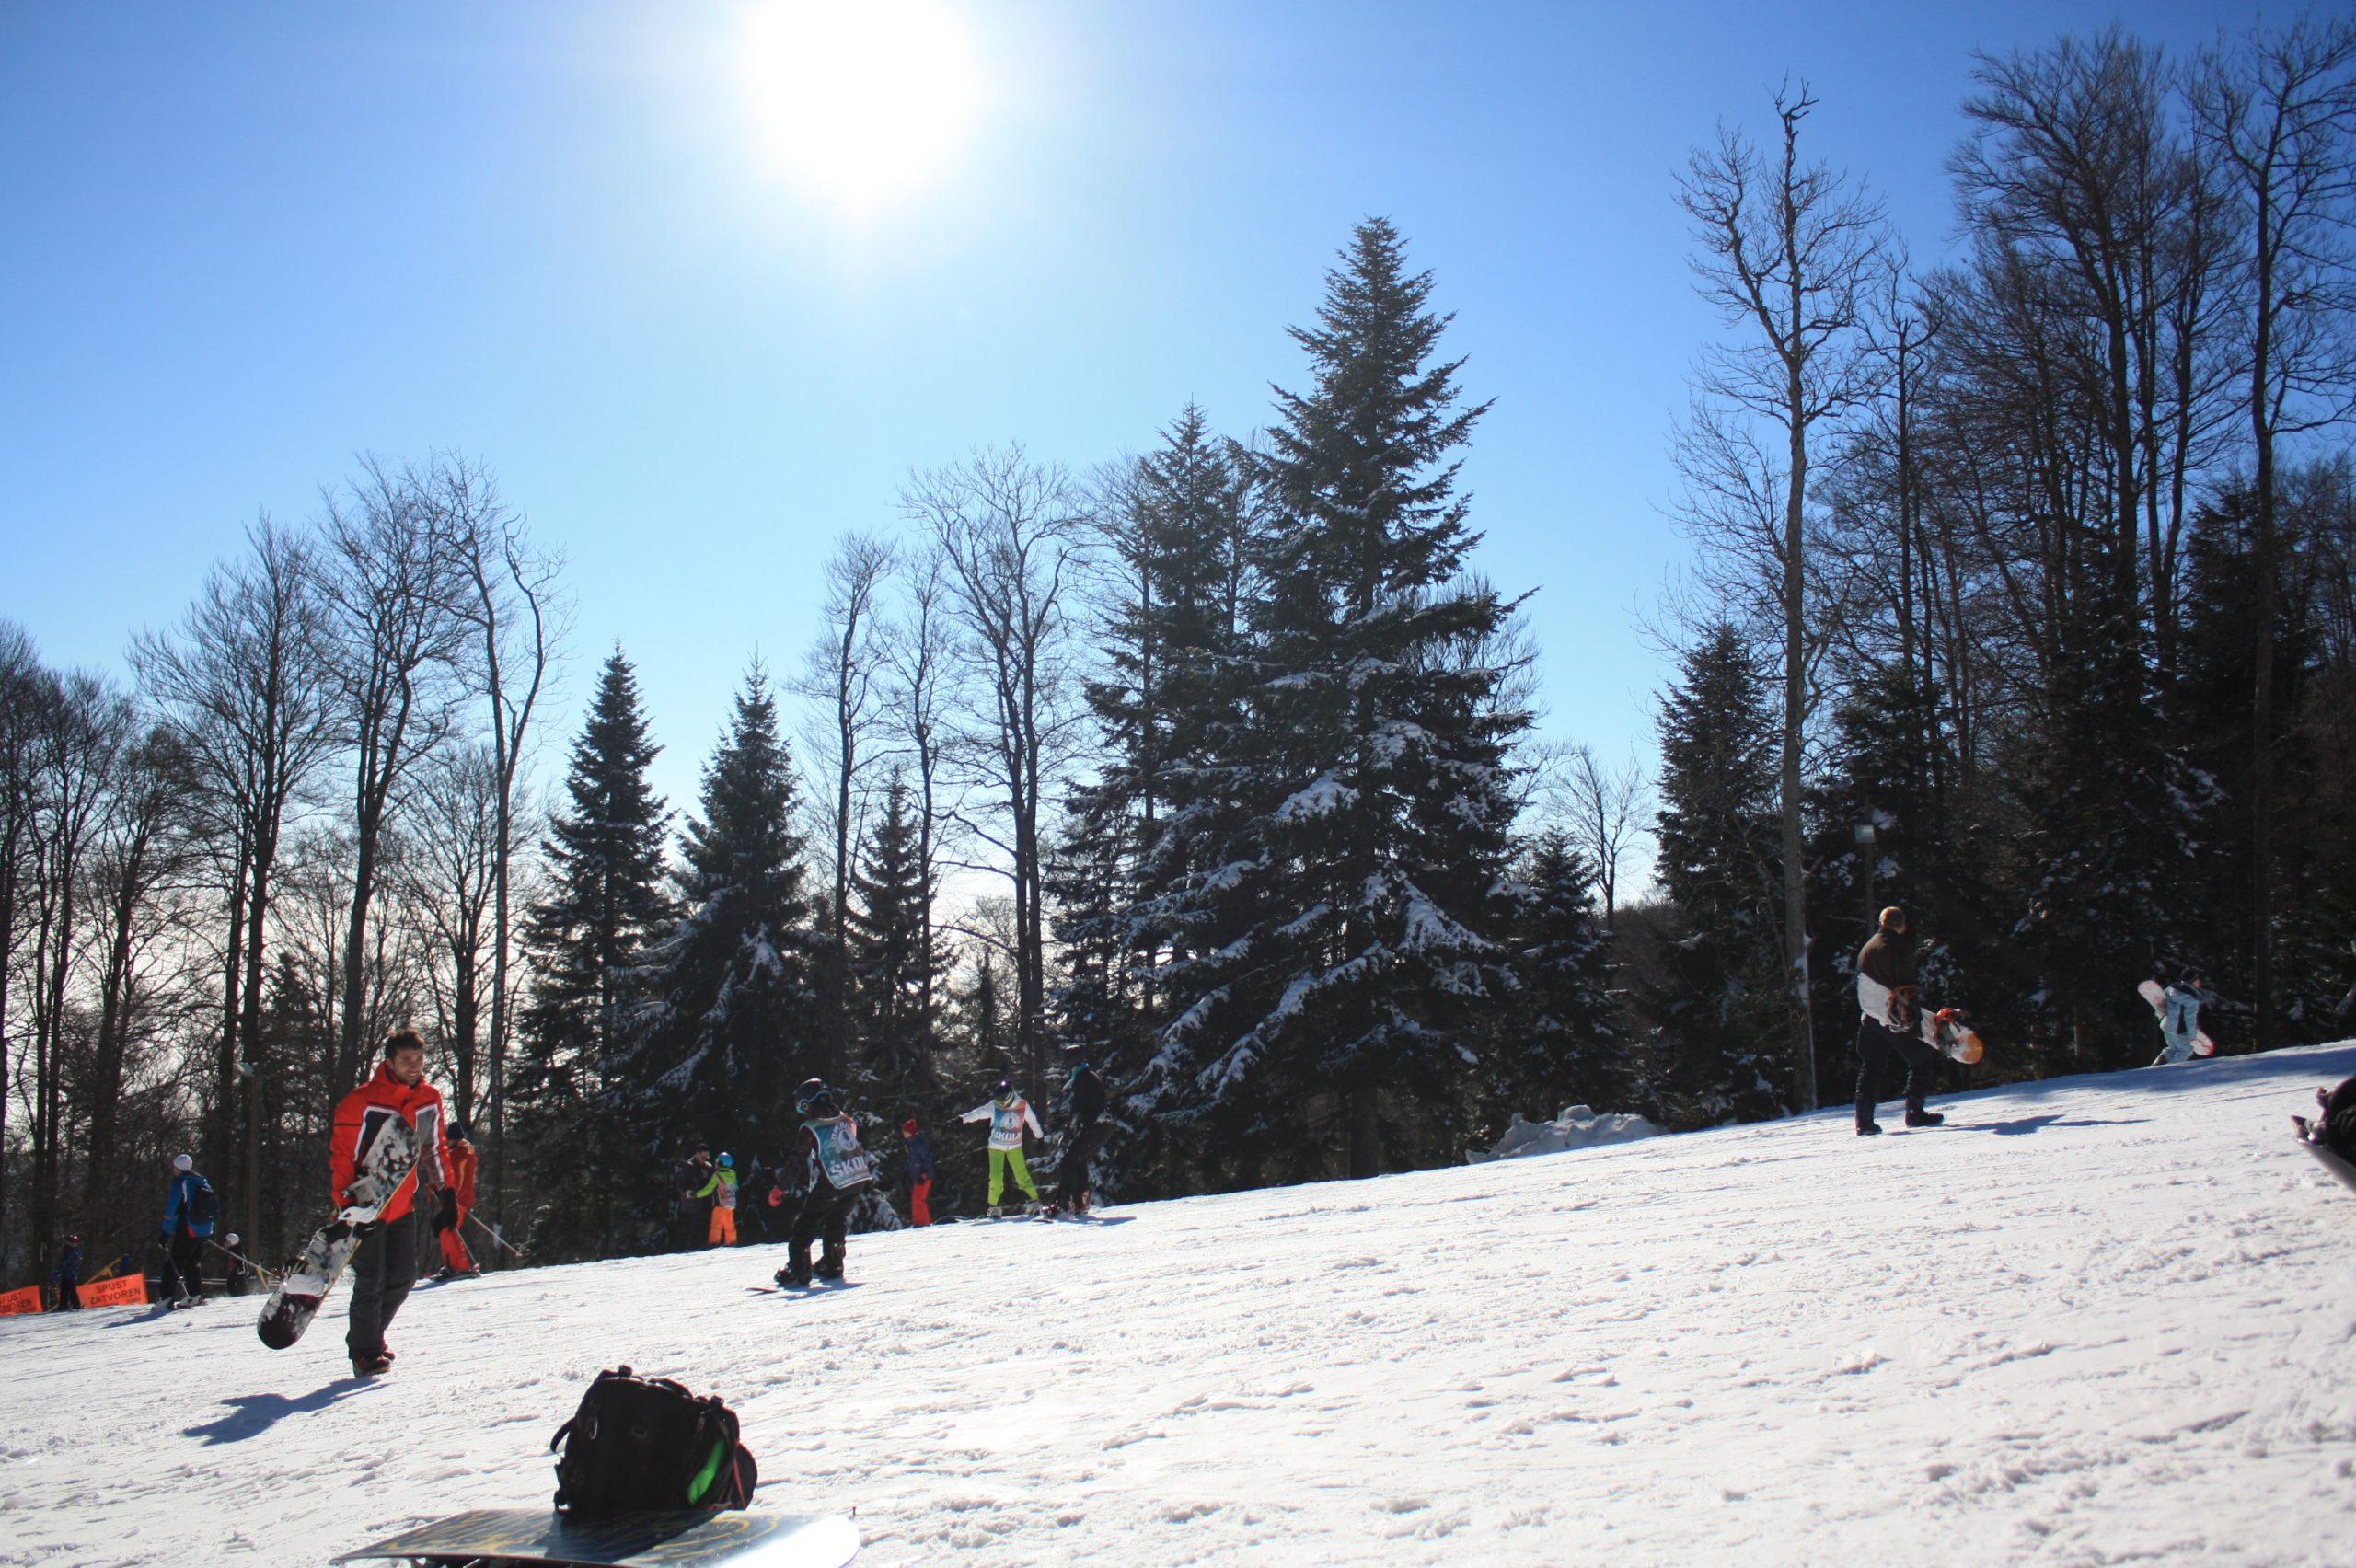 As pessoas esquiam na neve